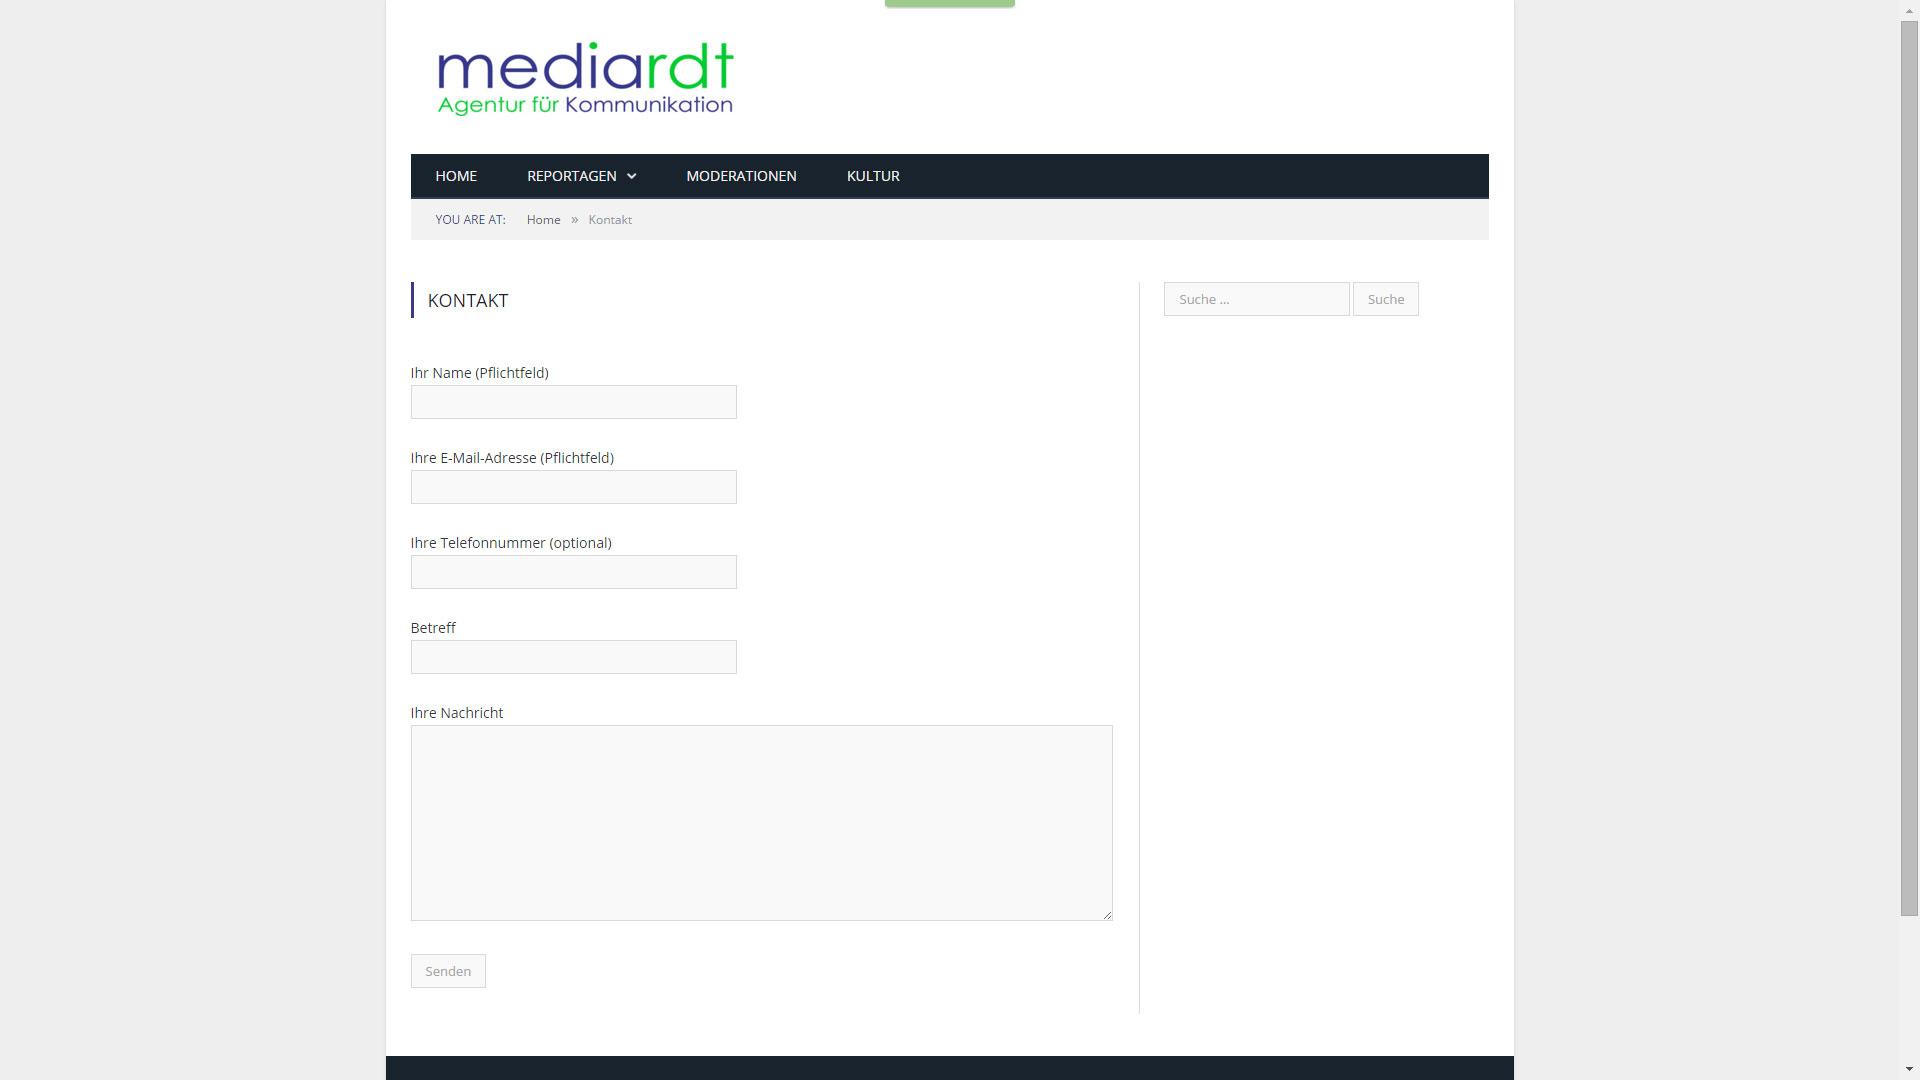 mediardt